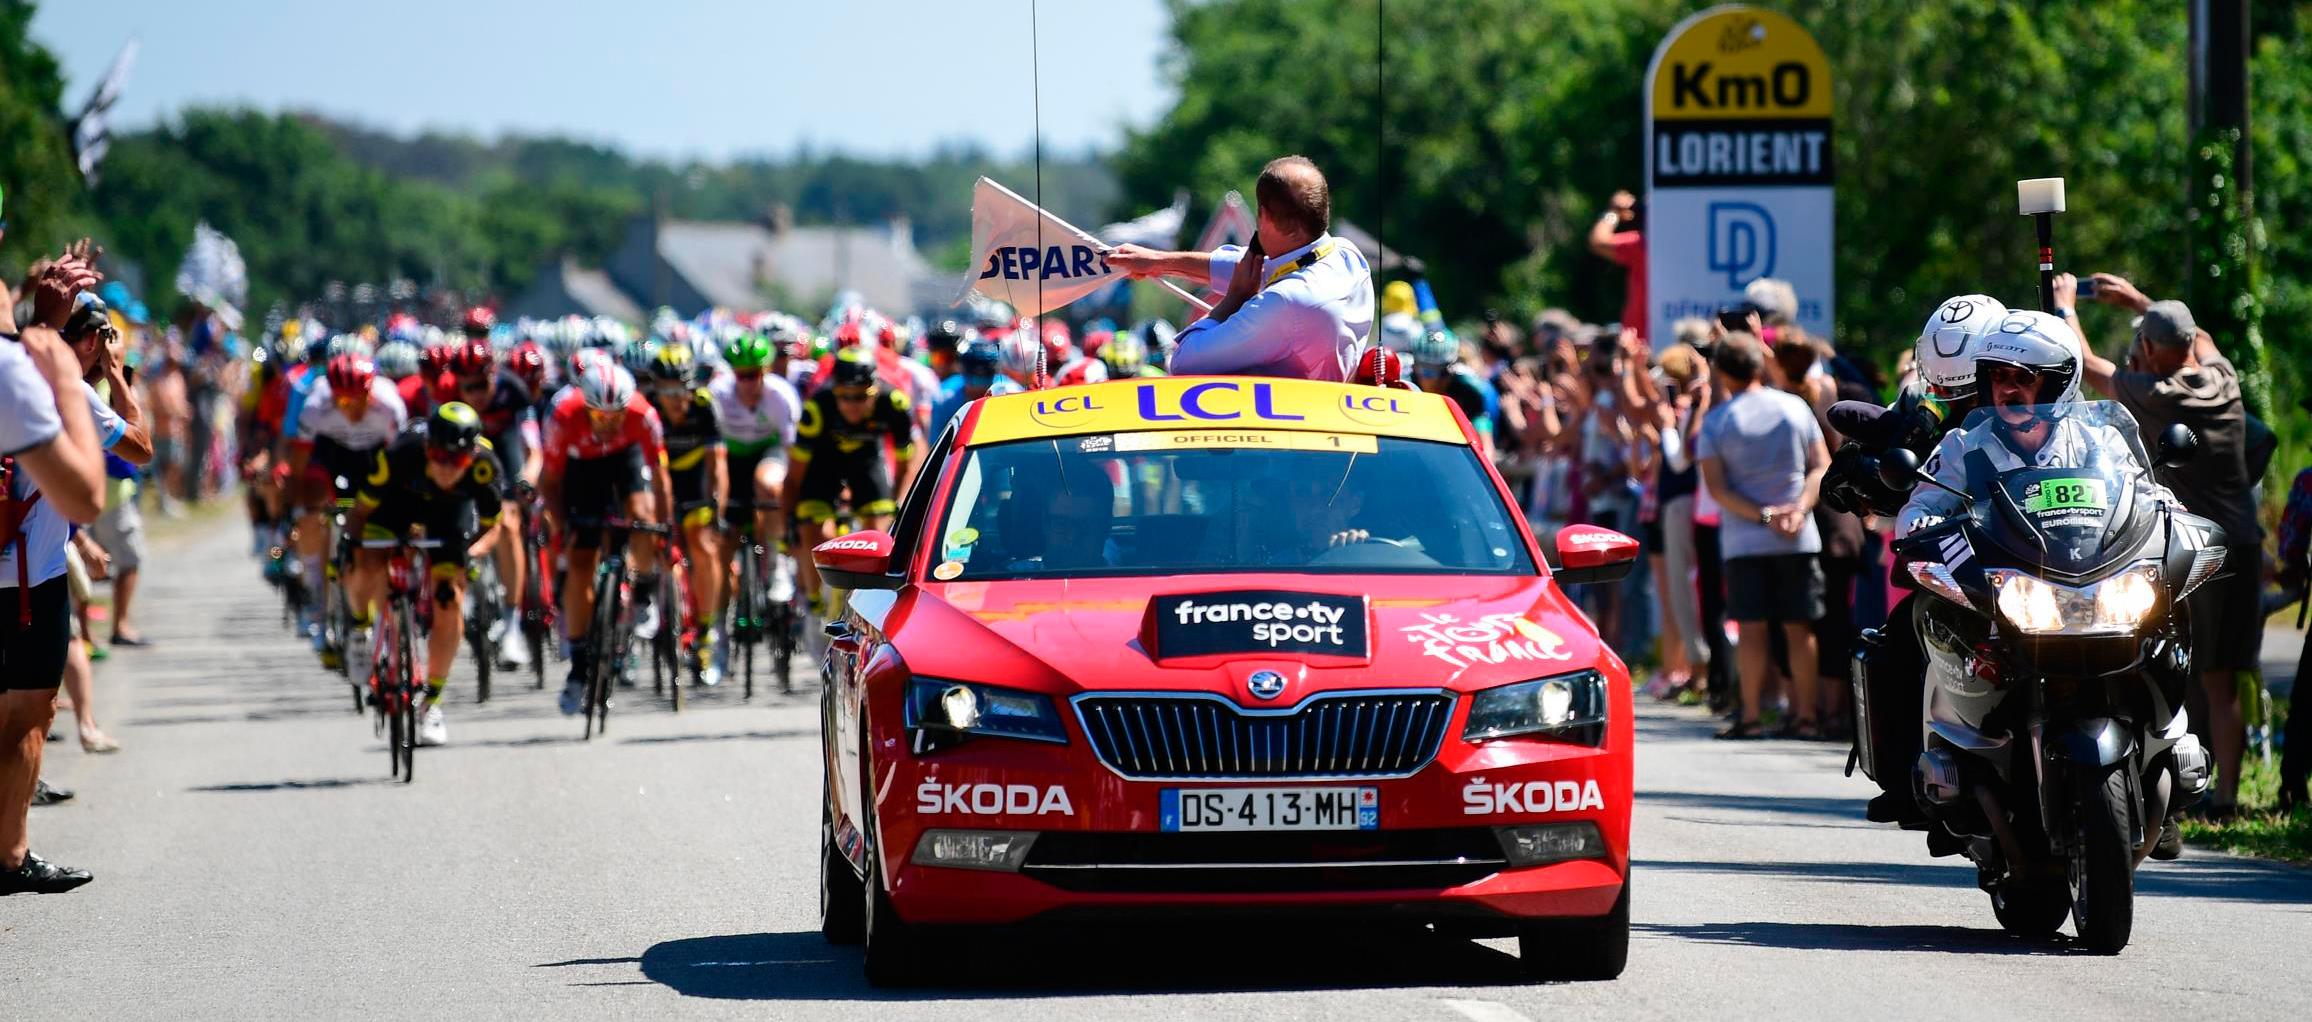 SKODA patrocinador oficial del Tour de Francia 2019